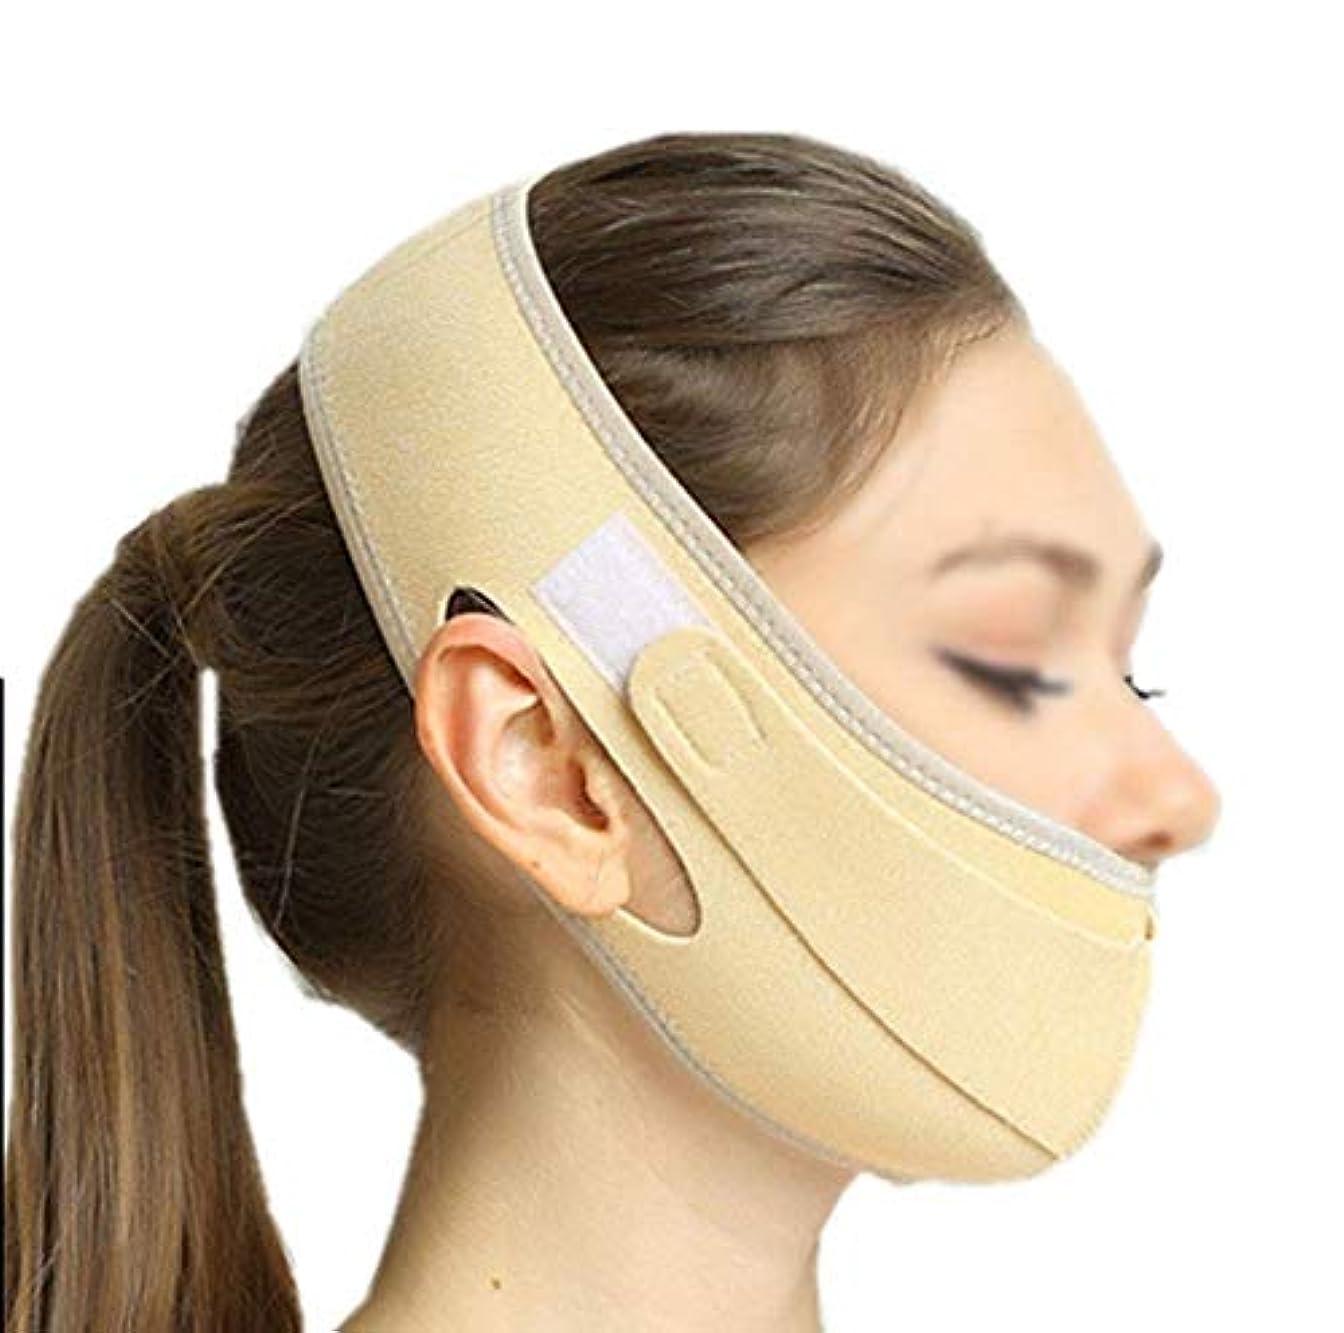 腫瘍高価な許さないビューティーマスク、ラインカービング後、ダブルチンマッセター、ロー、シンフェイスマスク、スモールVフェイスバンデージを復元